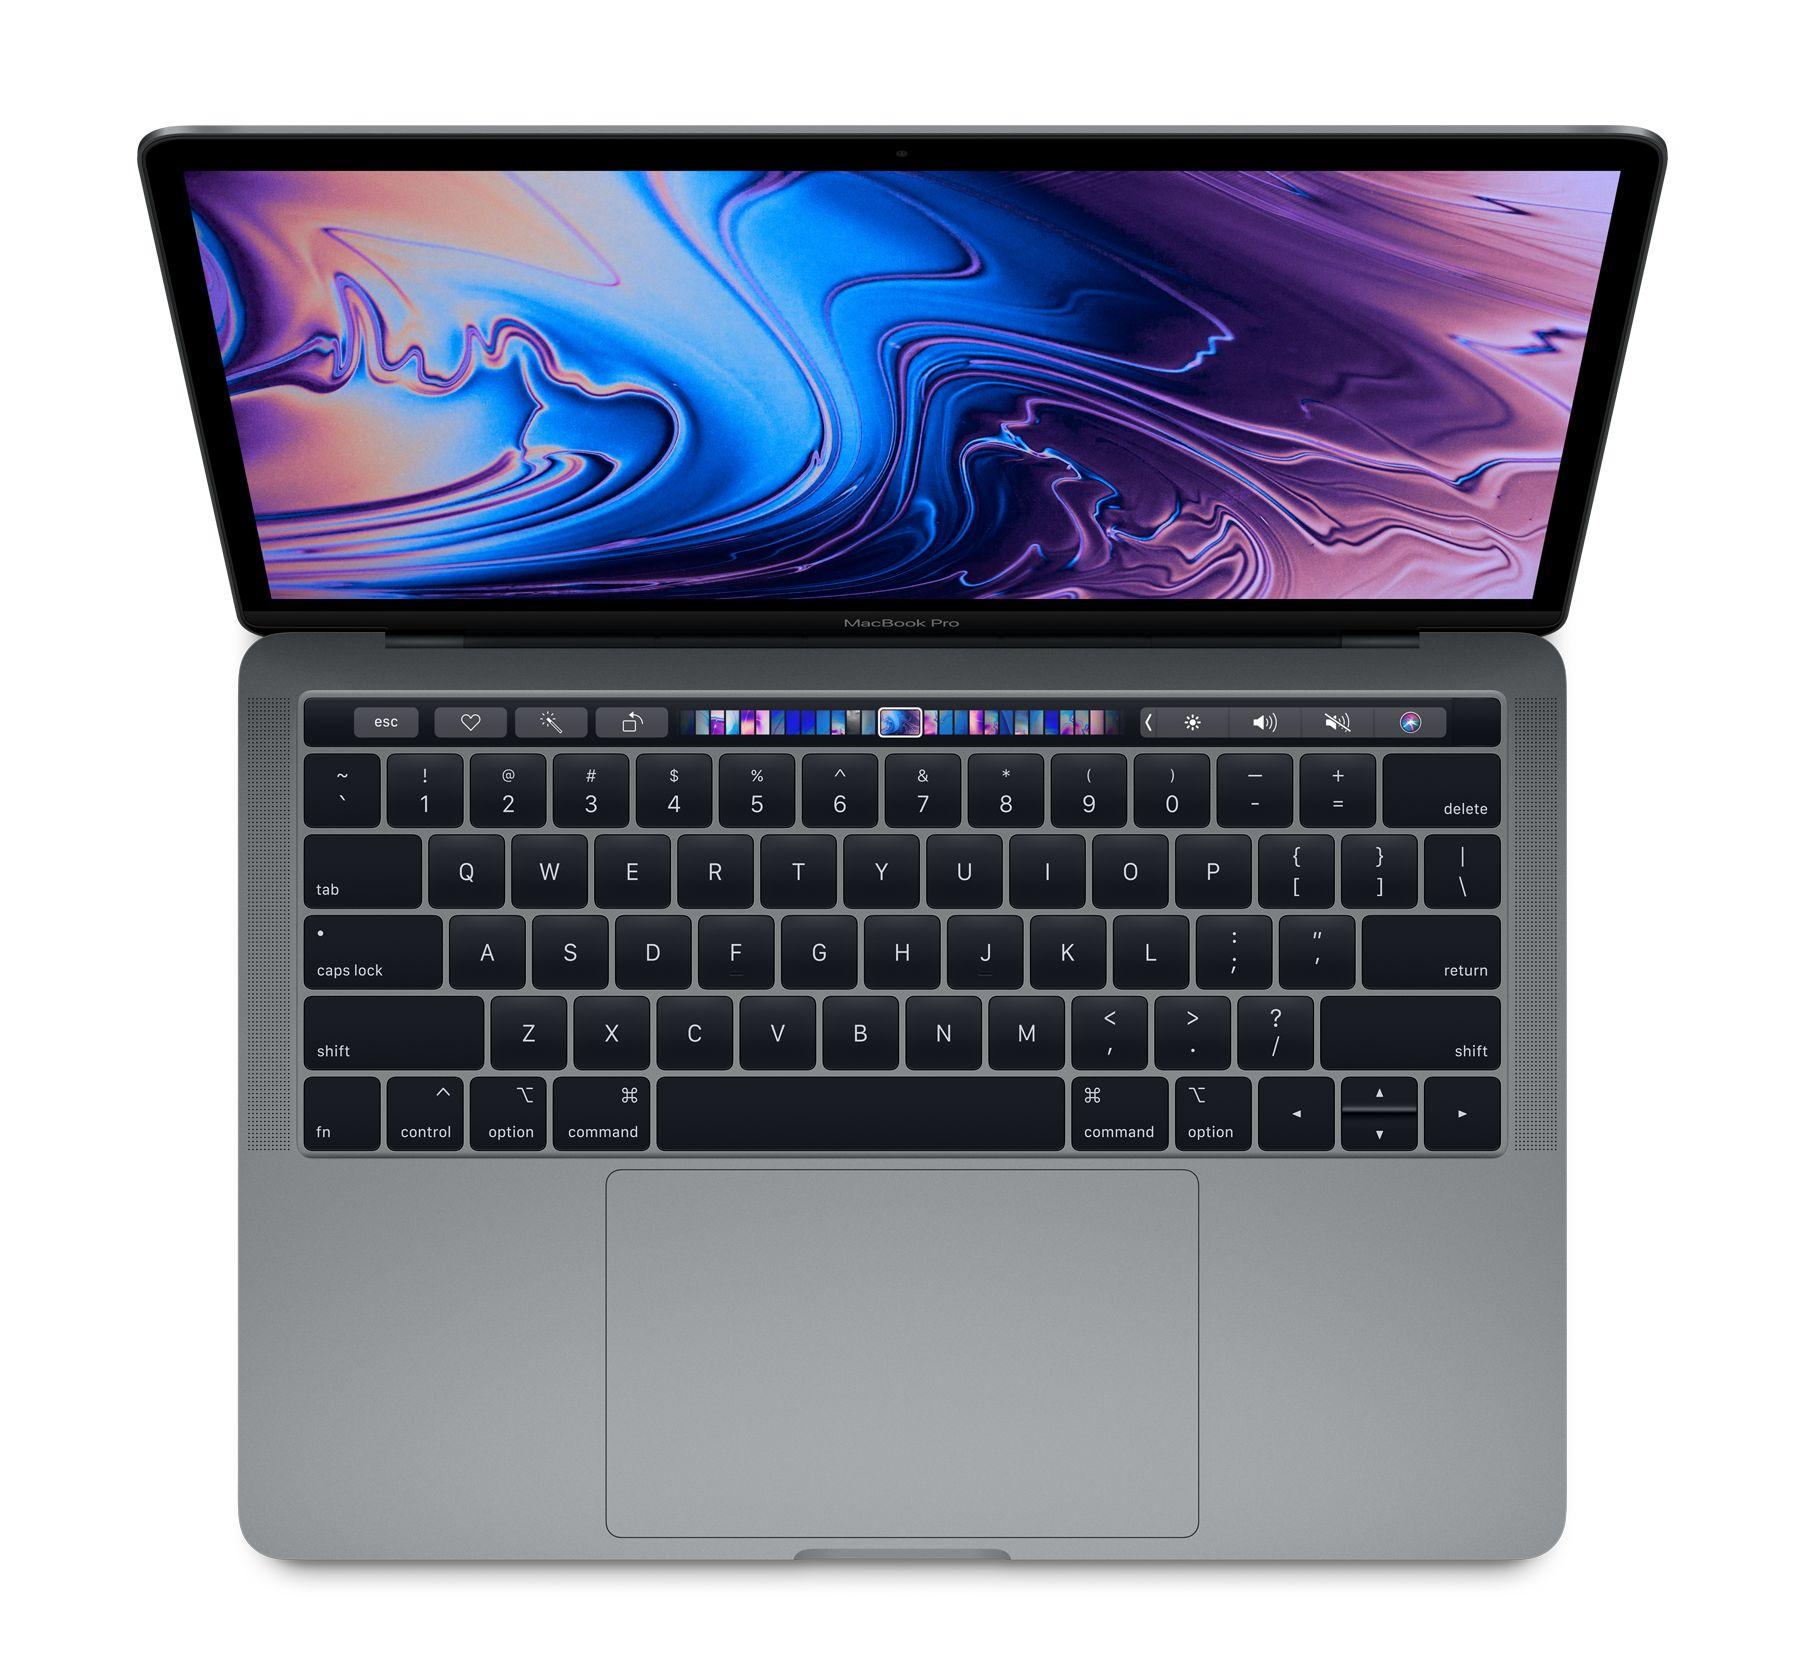 Mac Book Pro13(2018年以降モデル) 症状別修理料金表   iPhone・iPad・iPod・Mac修理 データ復旧 基板修理  【AppleJuice吉祥寺店】